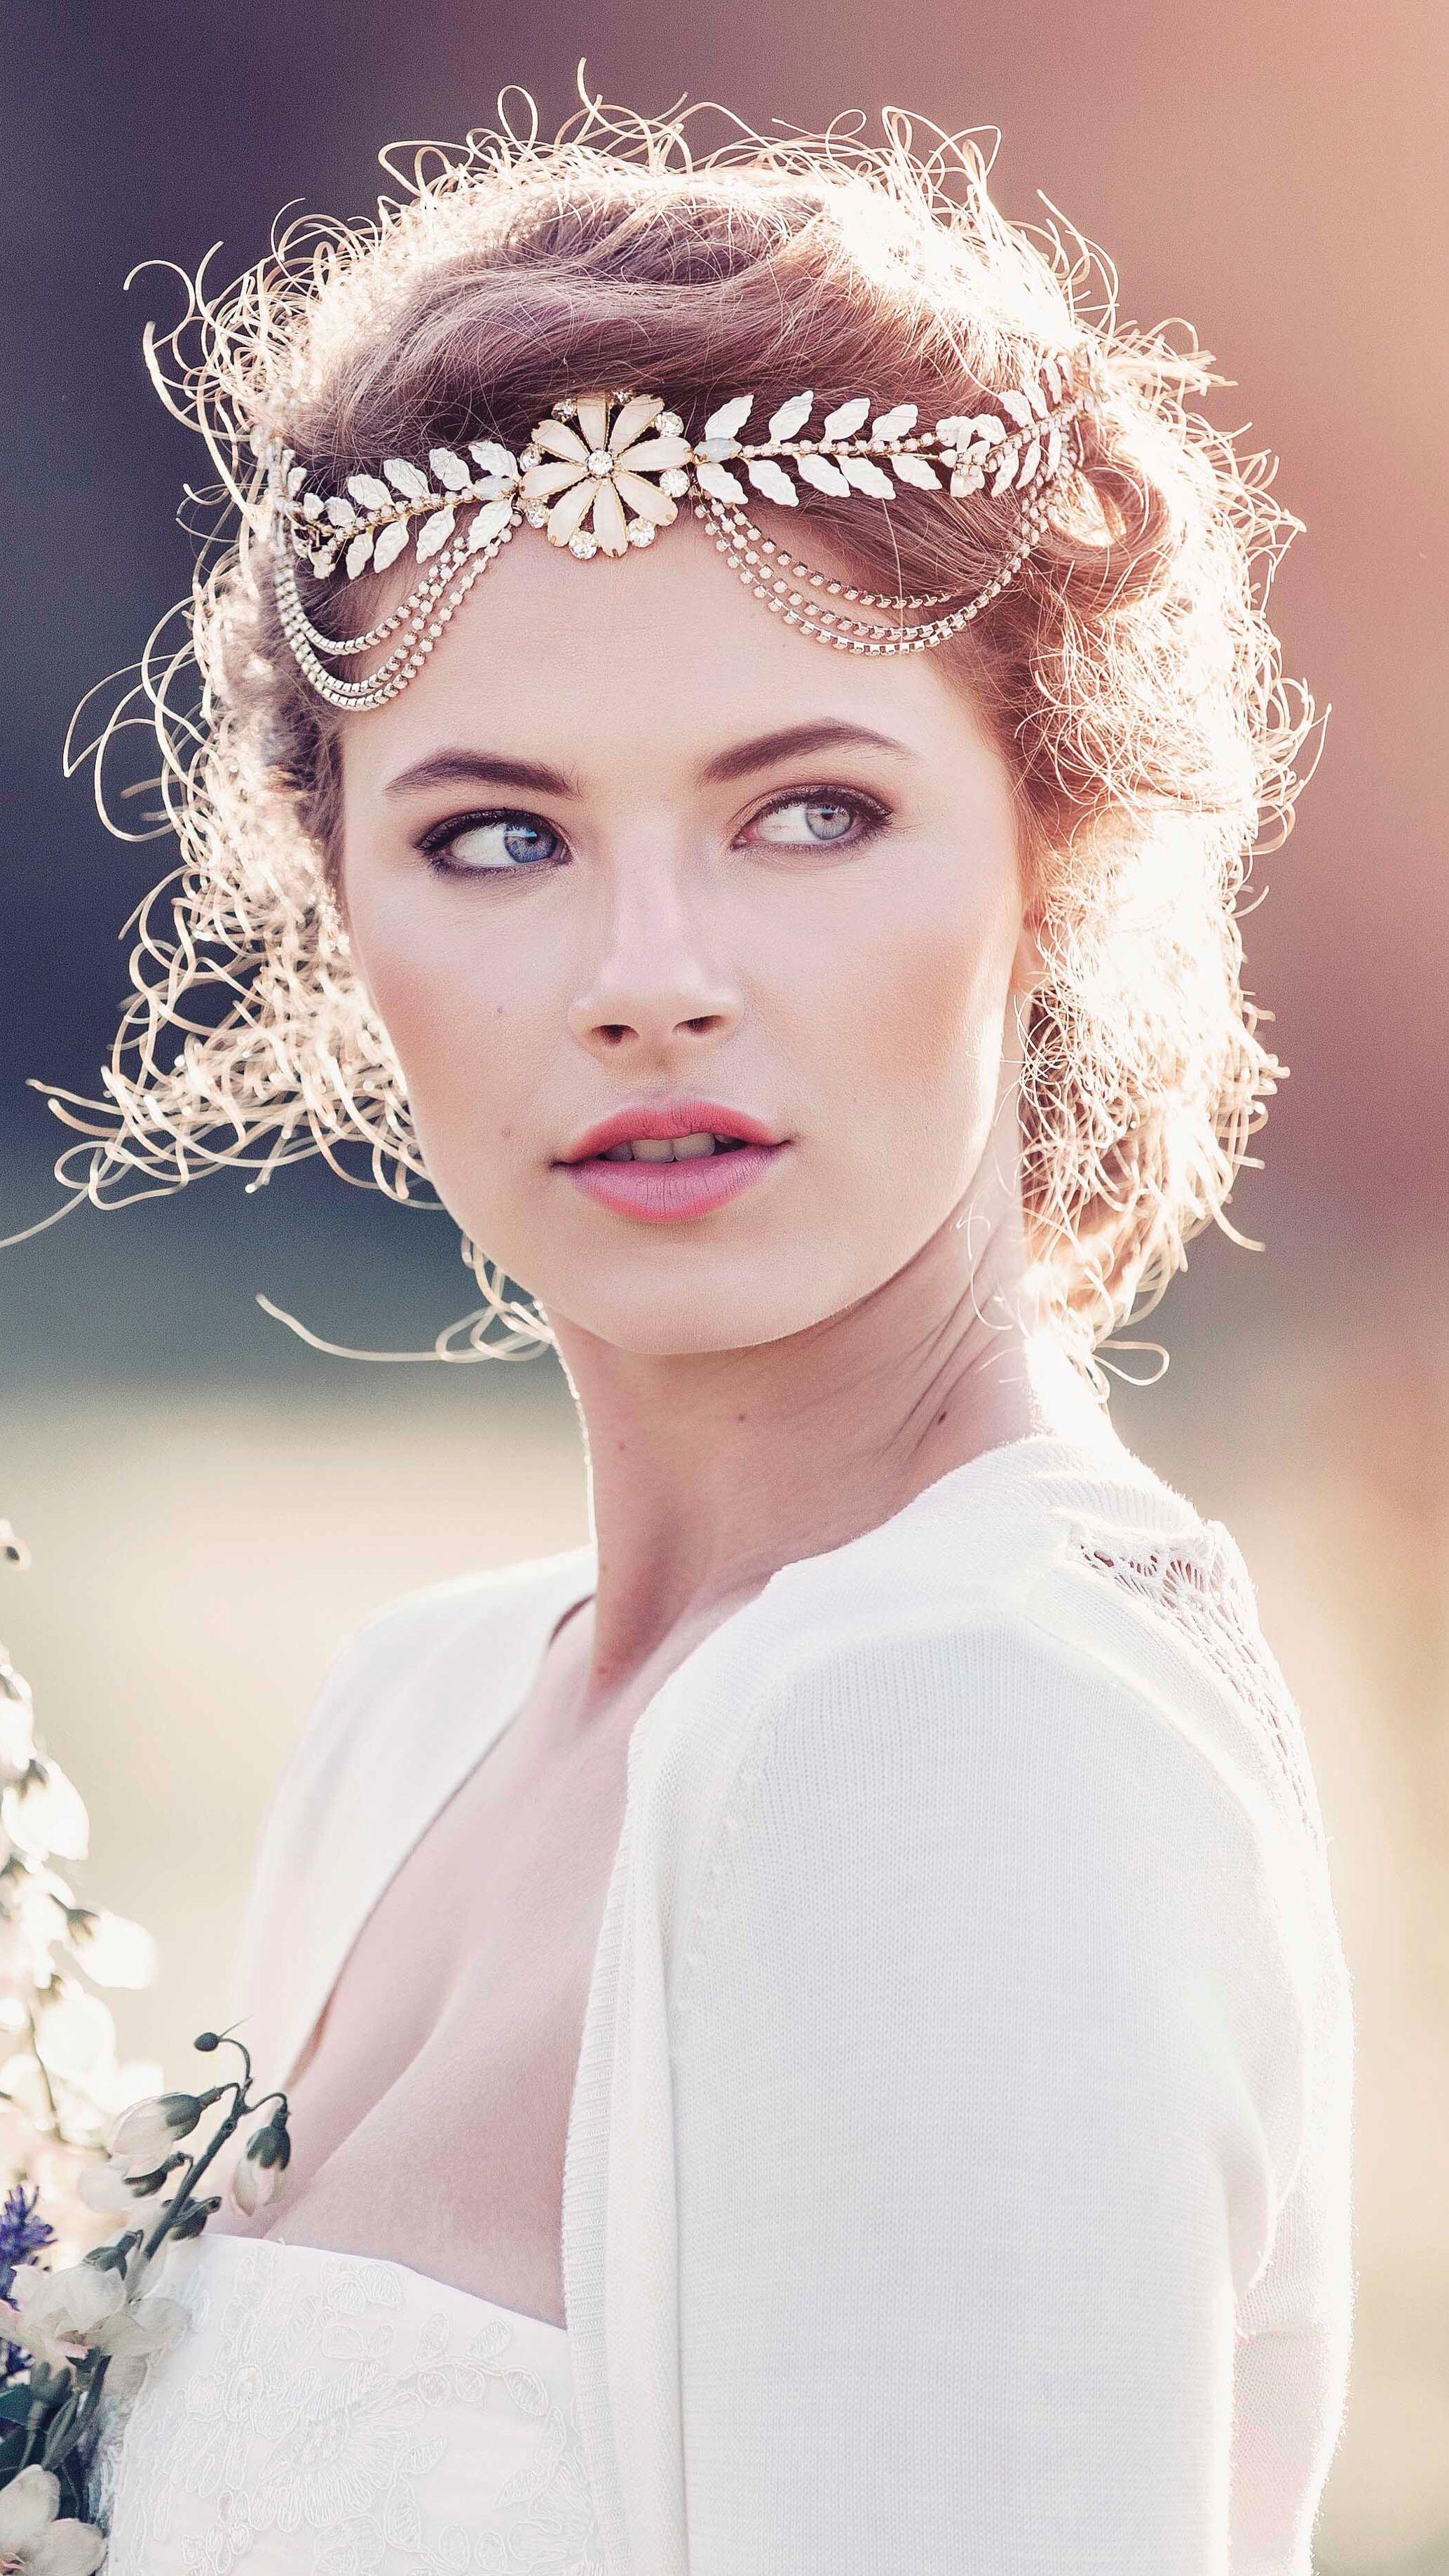 alexandria roman style bridal headpiece #gd1037 | hair